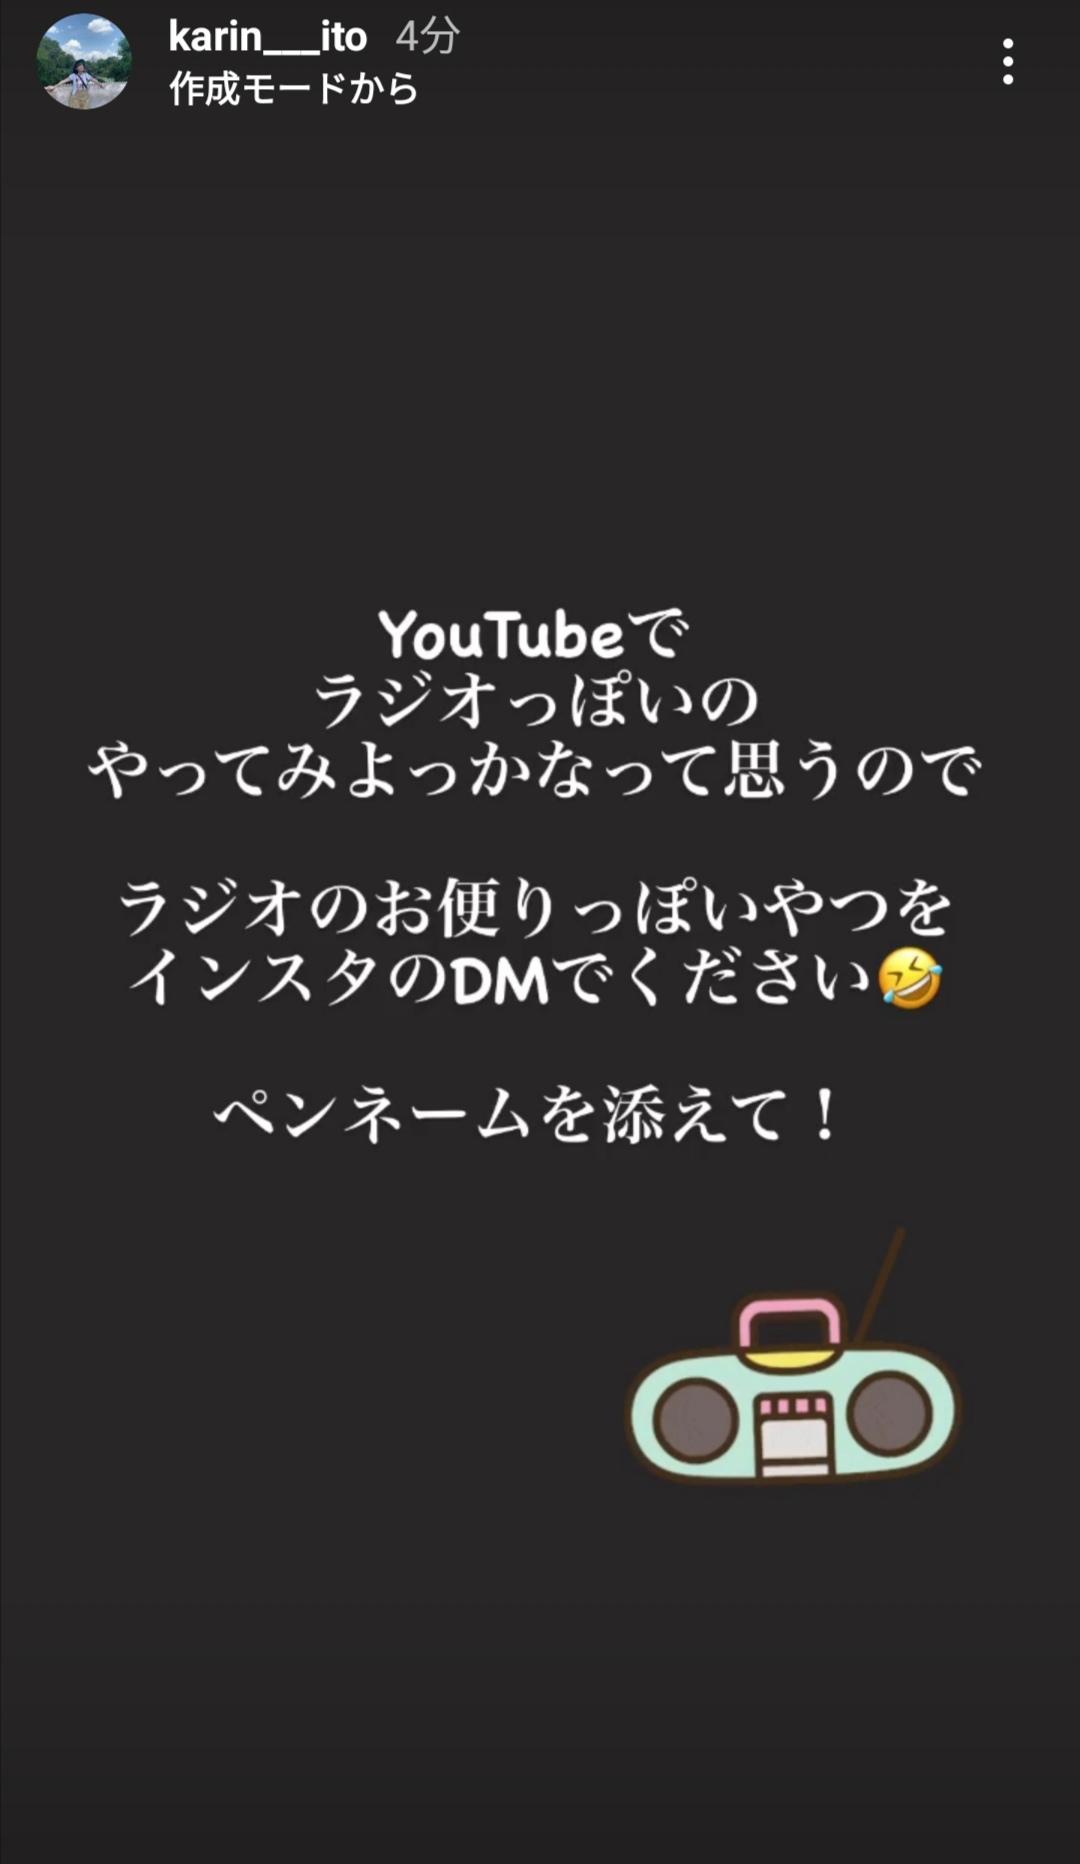 伊藤かりん「YouTubeでラジオっぽいのやってみよかなって思うので、ラジオのお便りっぽいやつをインスタのDMでください」